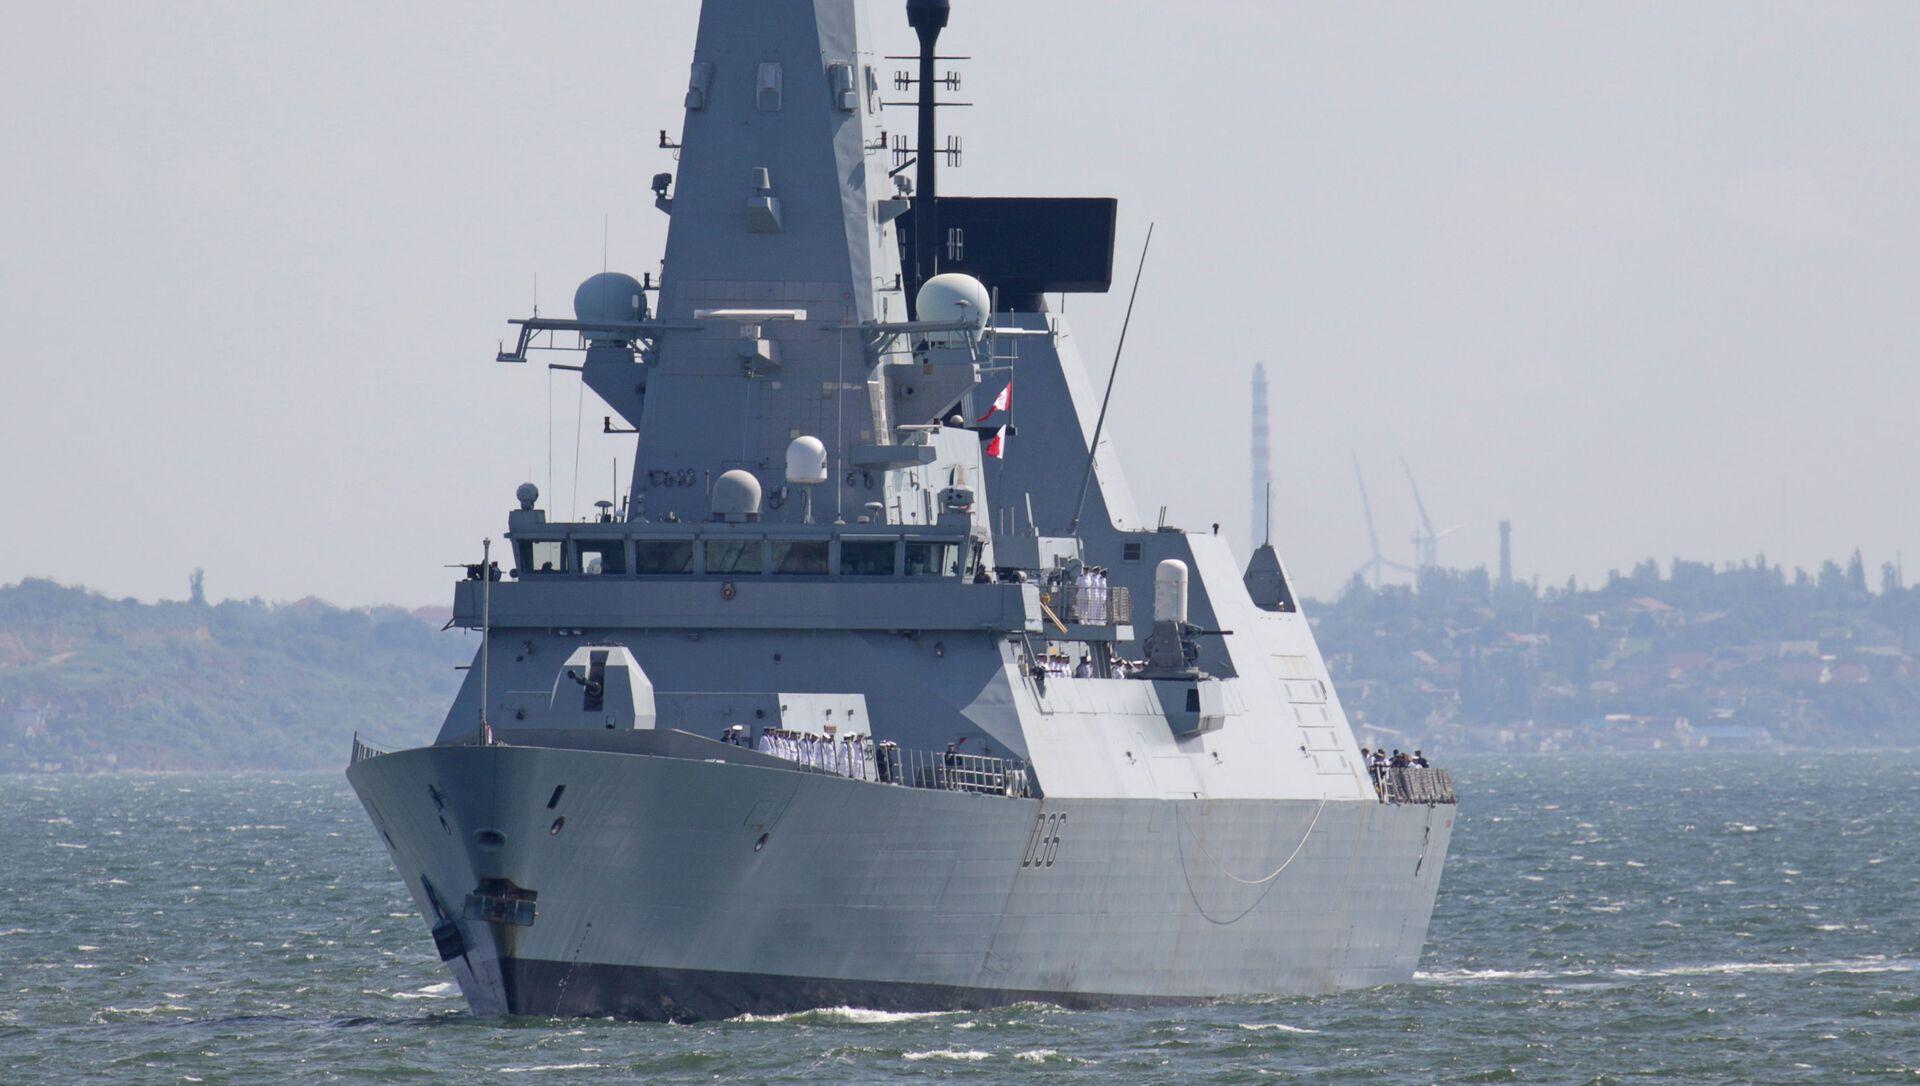 British Royal Navy's Type 45 destroyer HMS Defender arrives at the Black Sea port of Odessa, Ukraine June 18, 2021. - Sputnik International, 1920, 27.07.2021